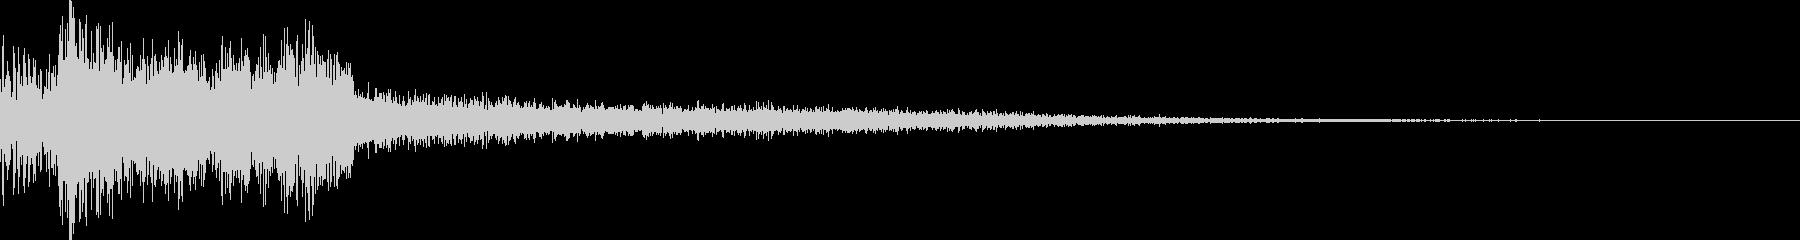 【ゲーム】 ダークSFX_19 ヒットの未再生の波形